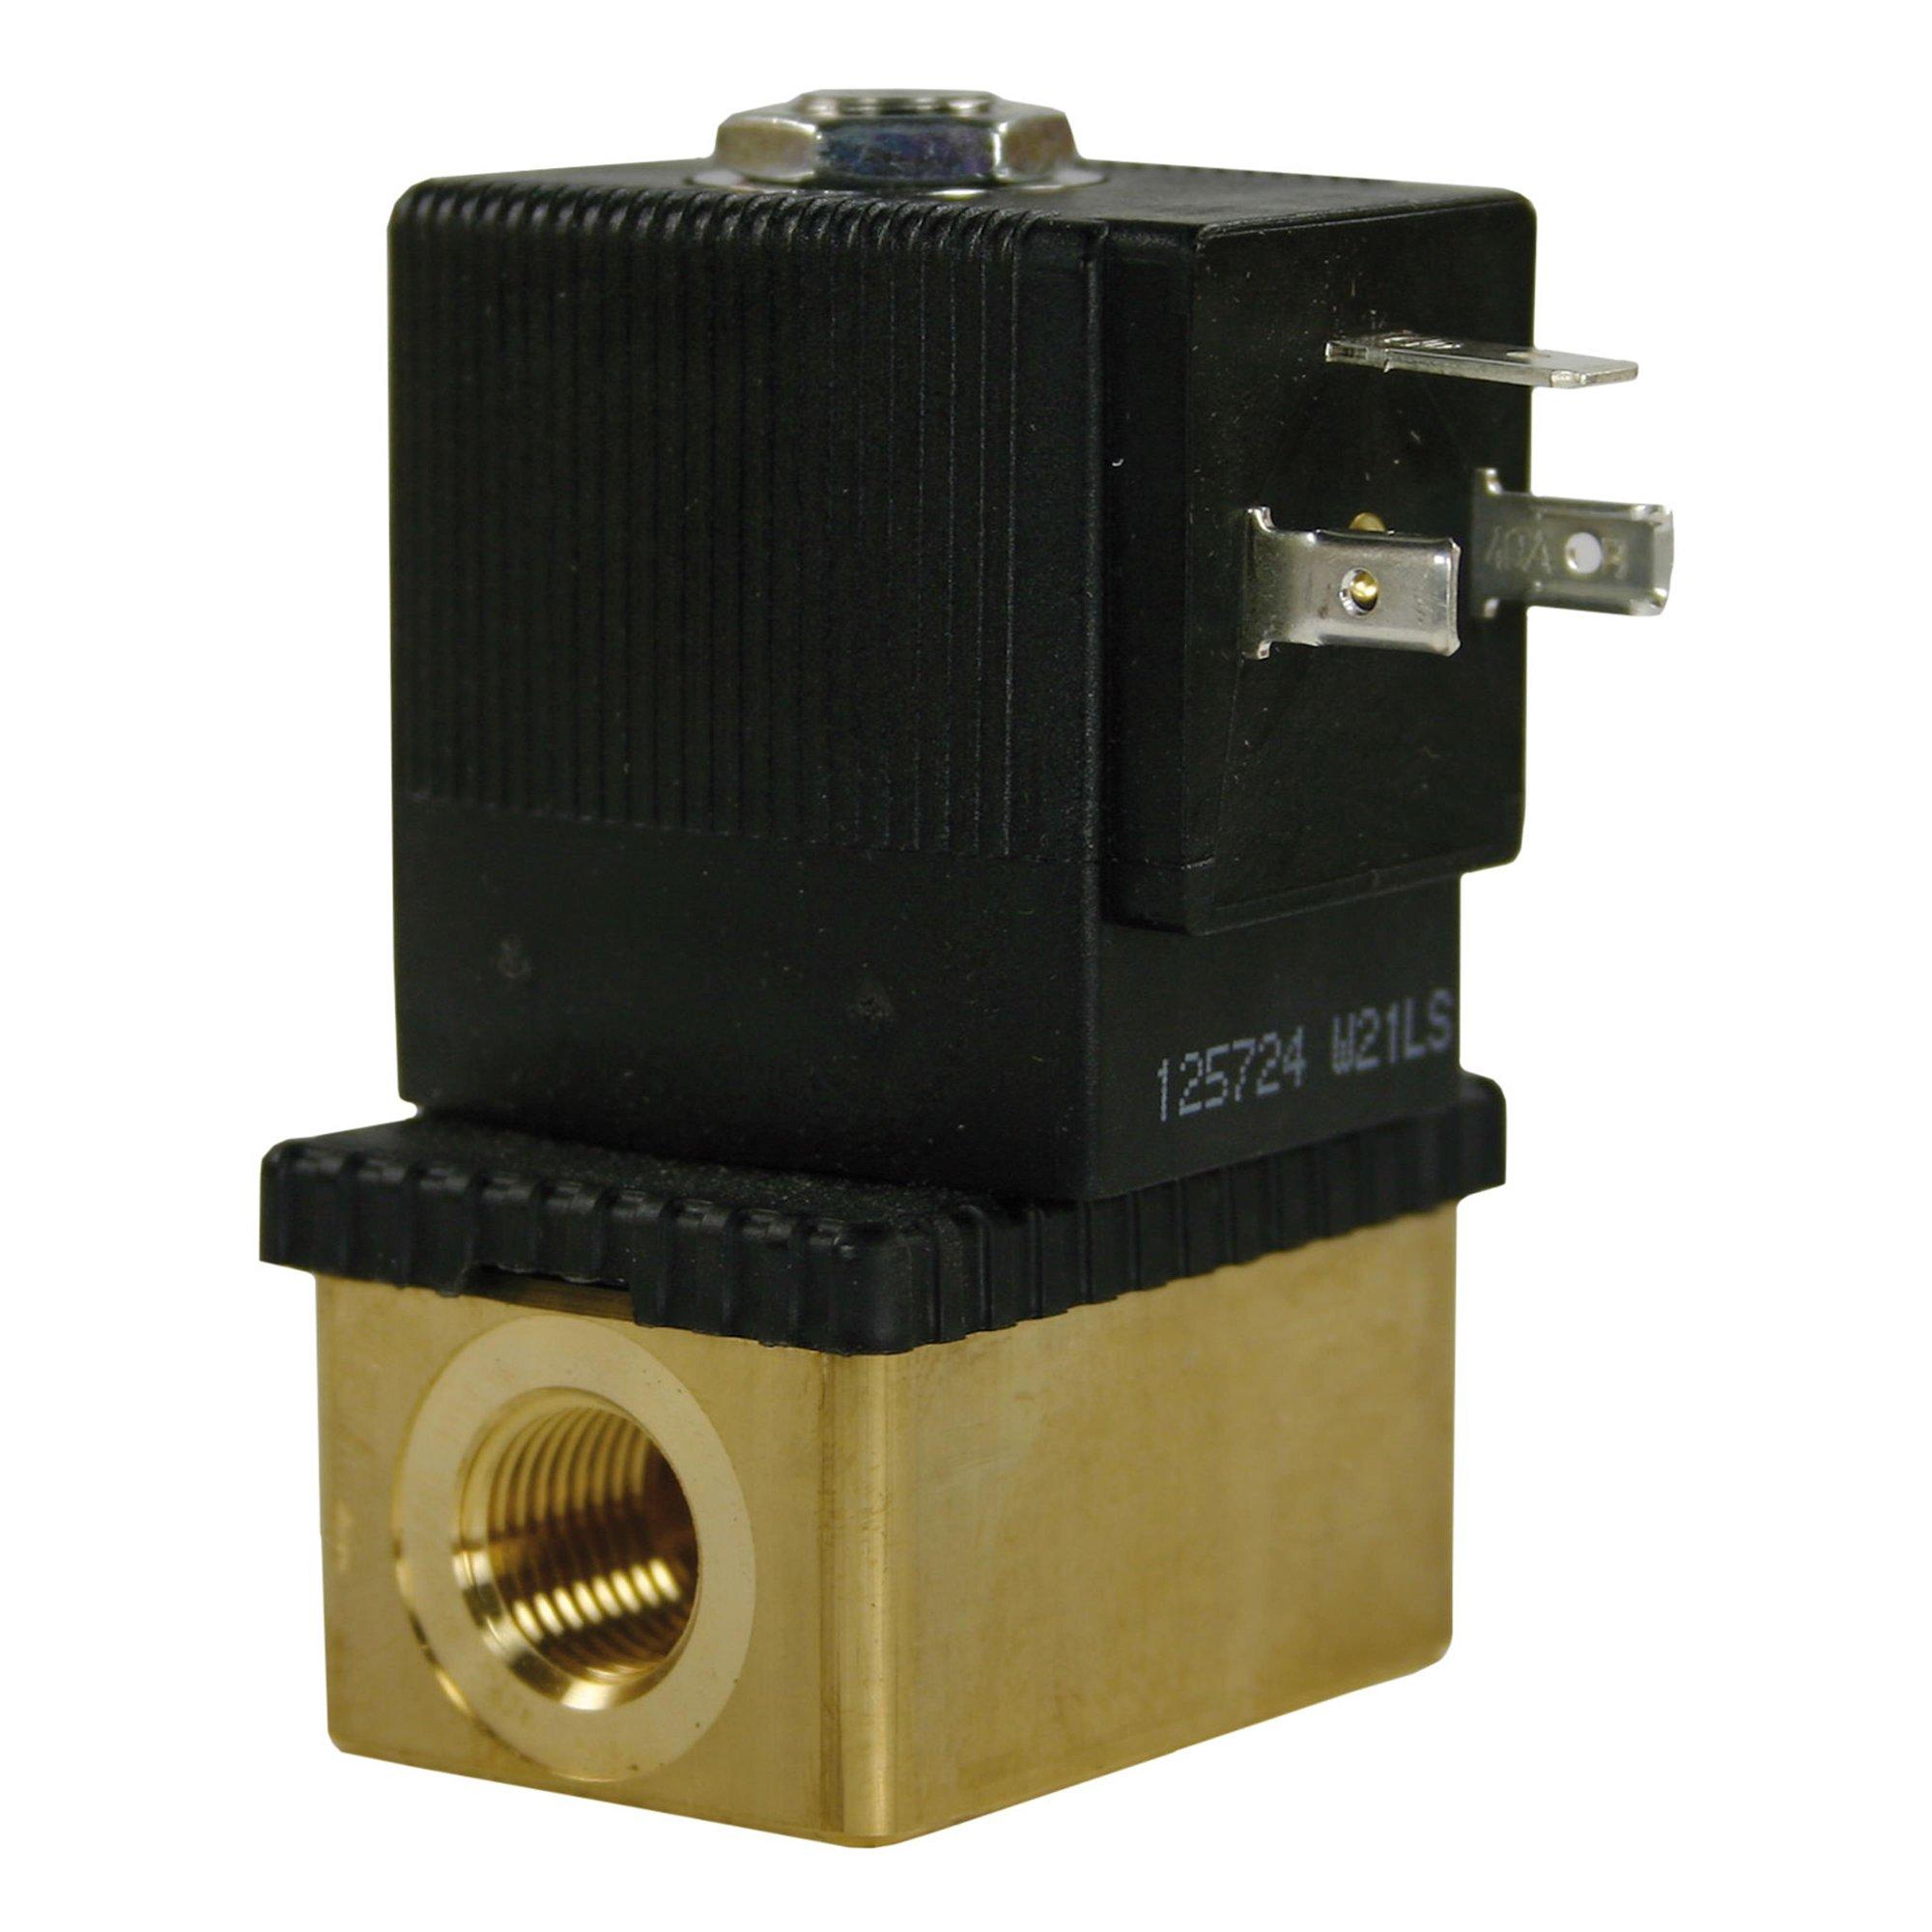 Magnetventil Bürkert Typ 6013 MV-Bürkert 6013 1/4  24V-50Hz 0-6b